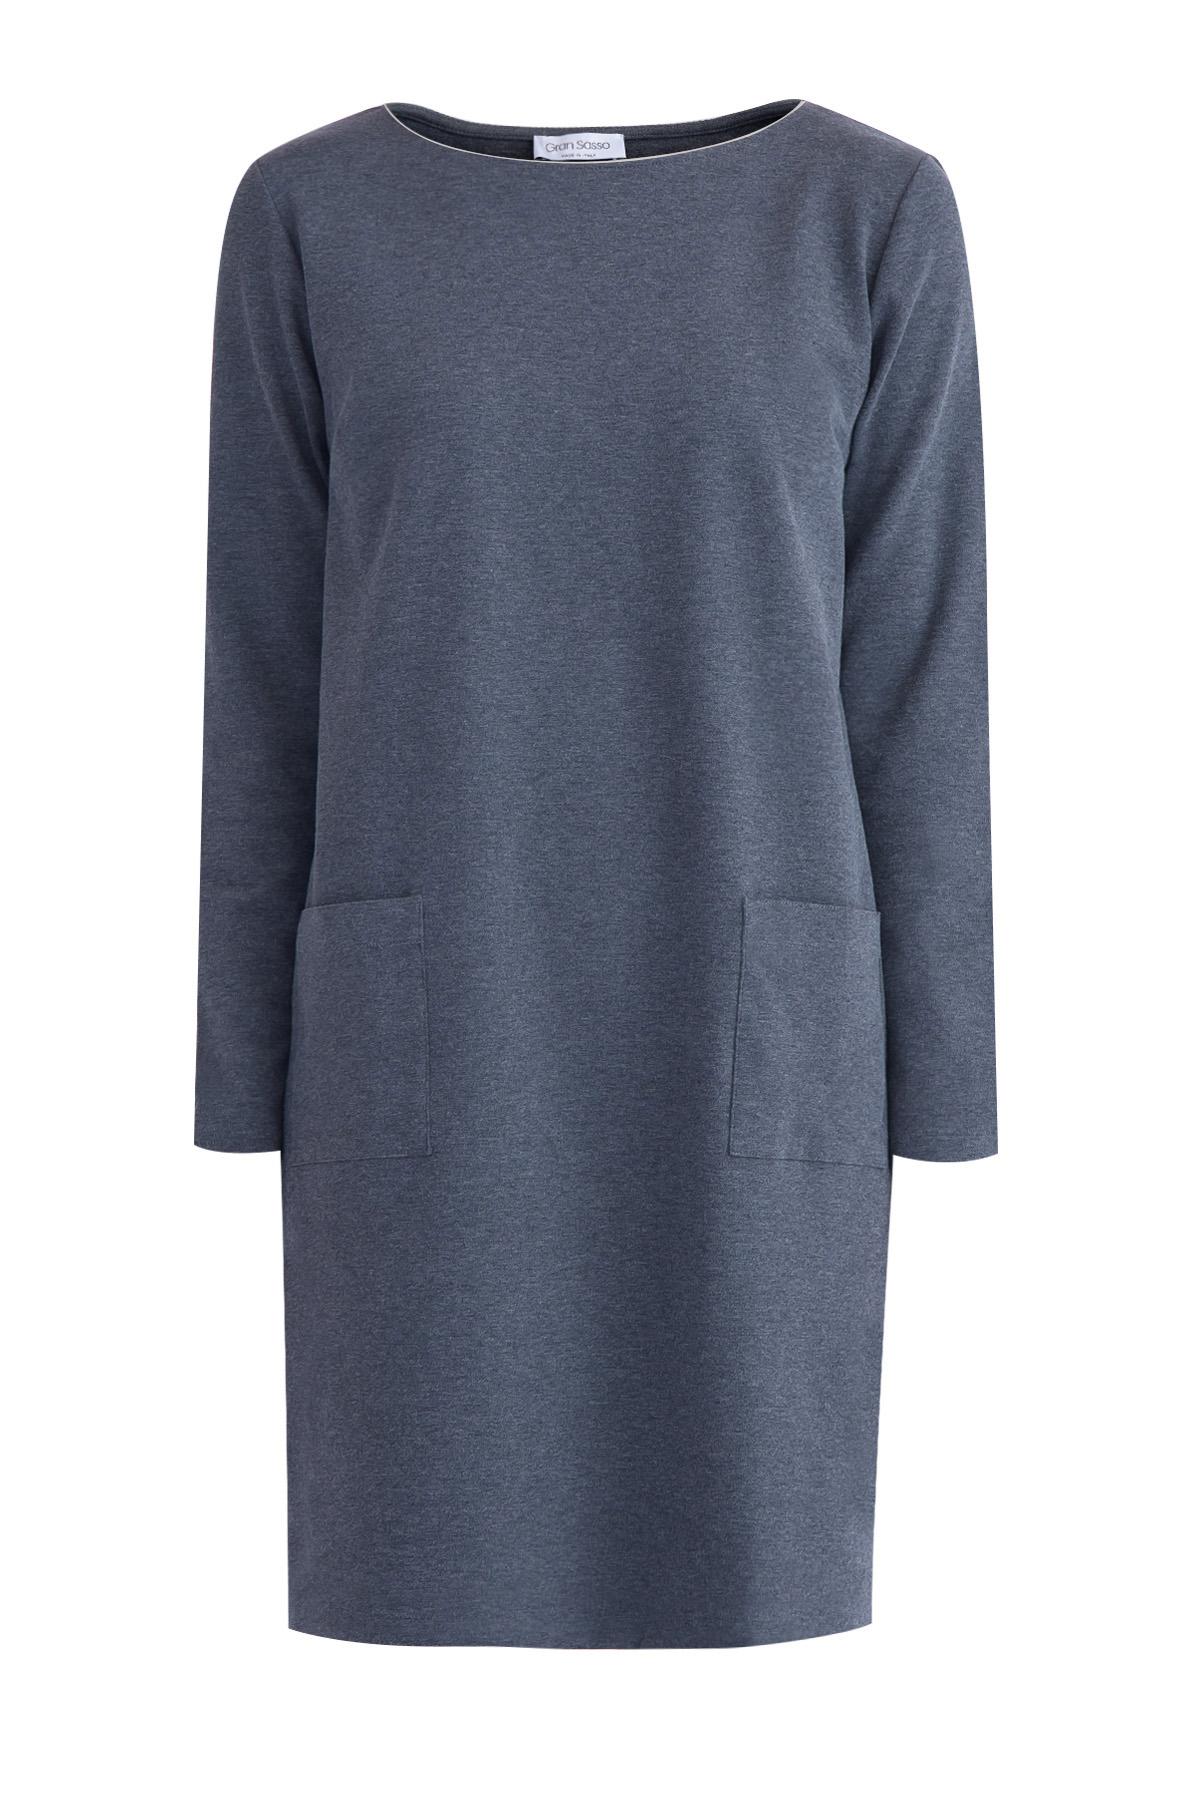 Купить Платье, GRAN SASSO, Италия, хлопок 94%, эластан 6%